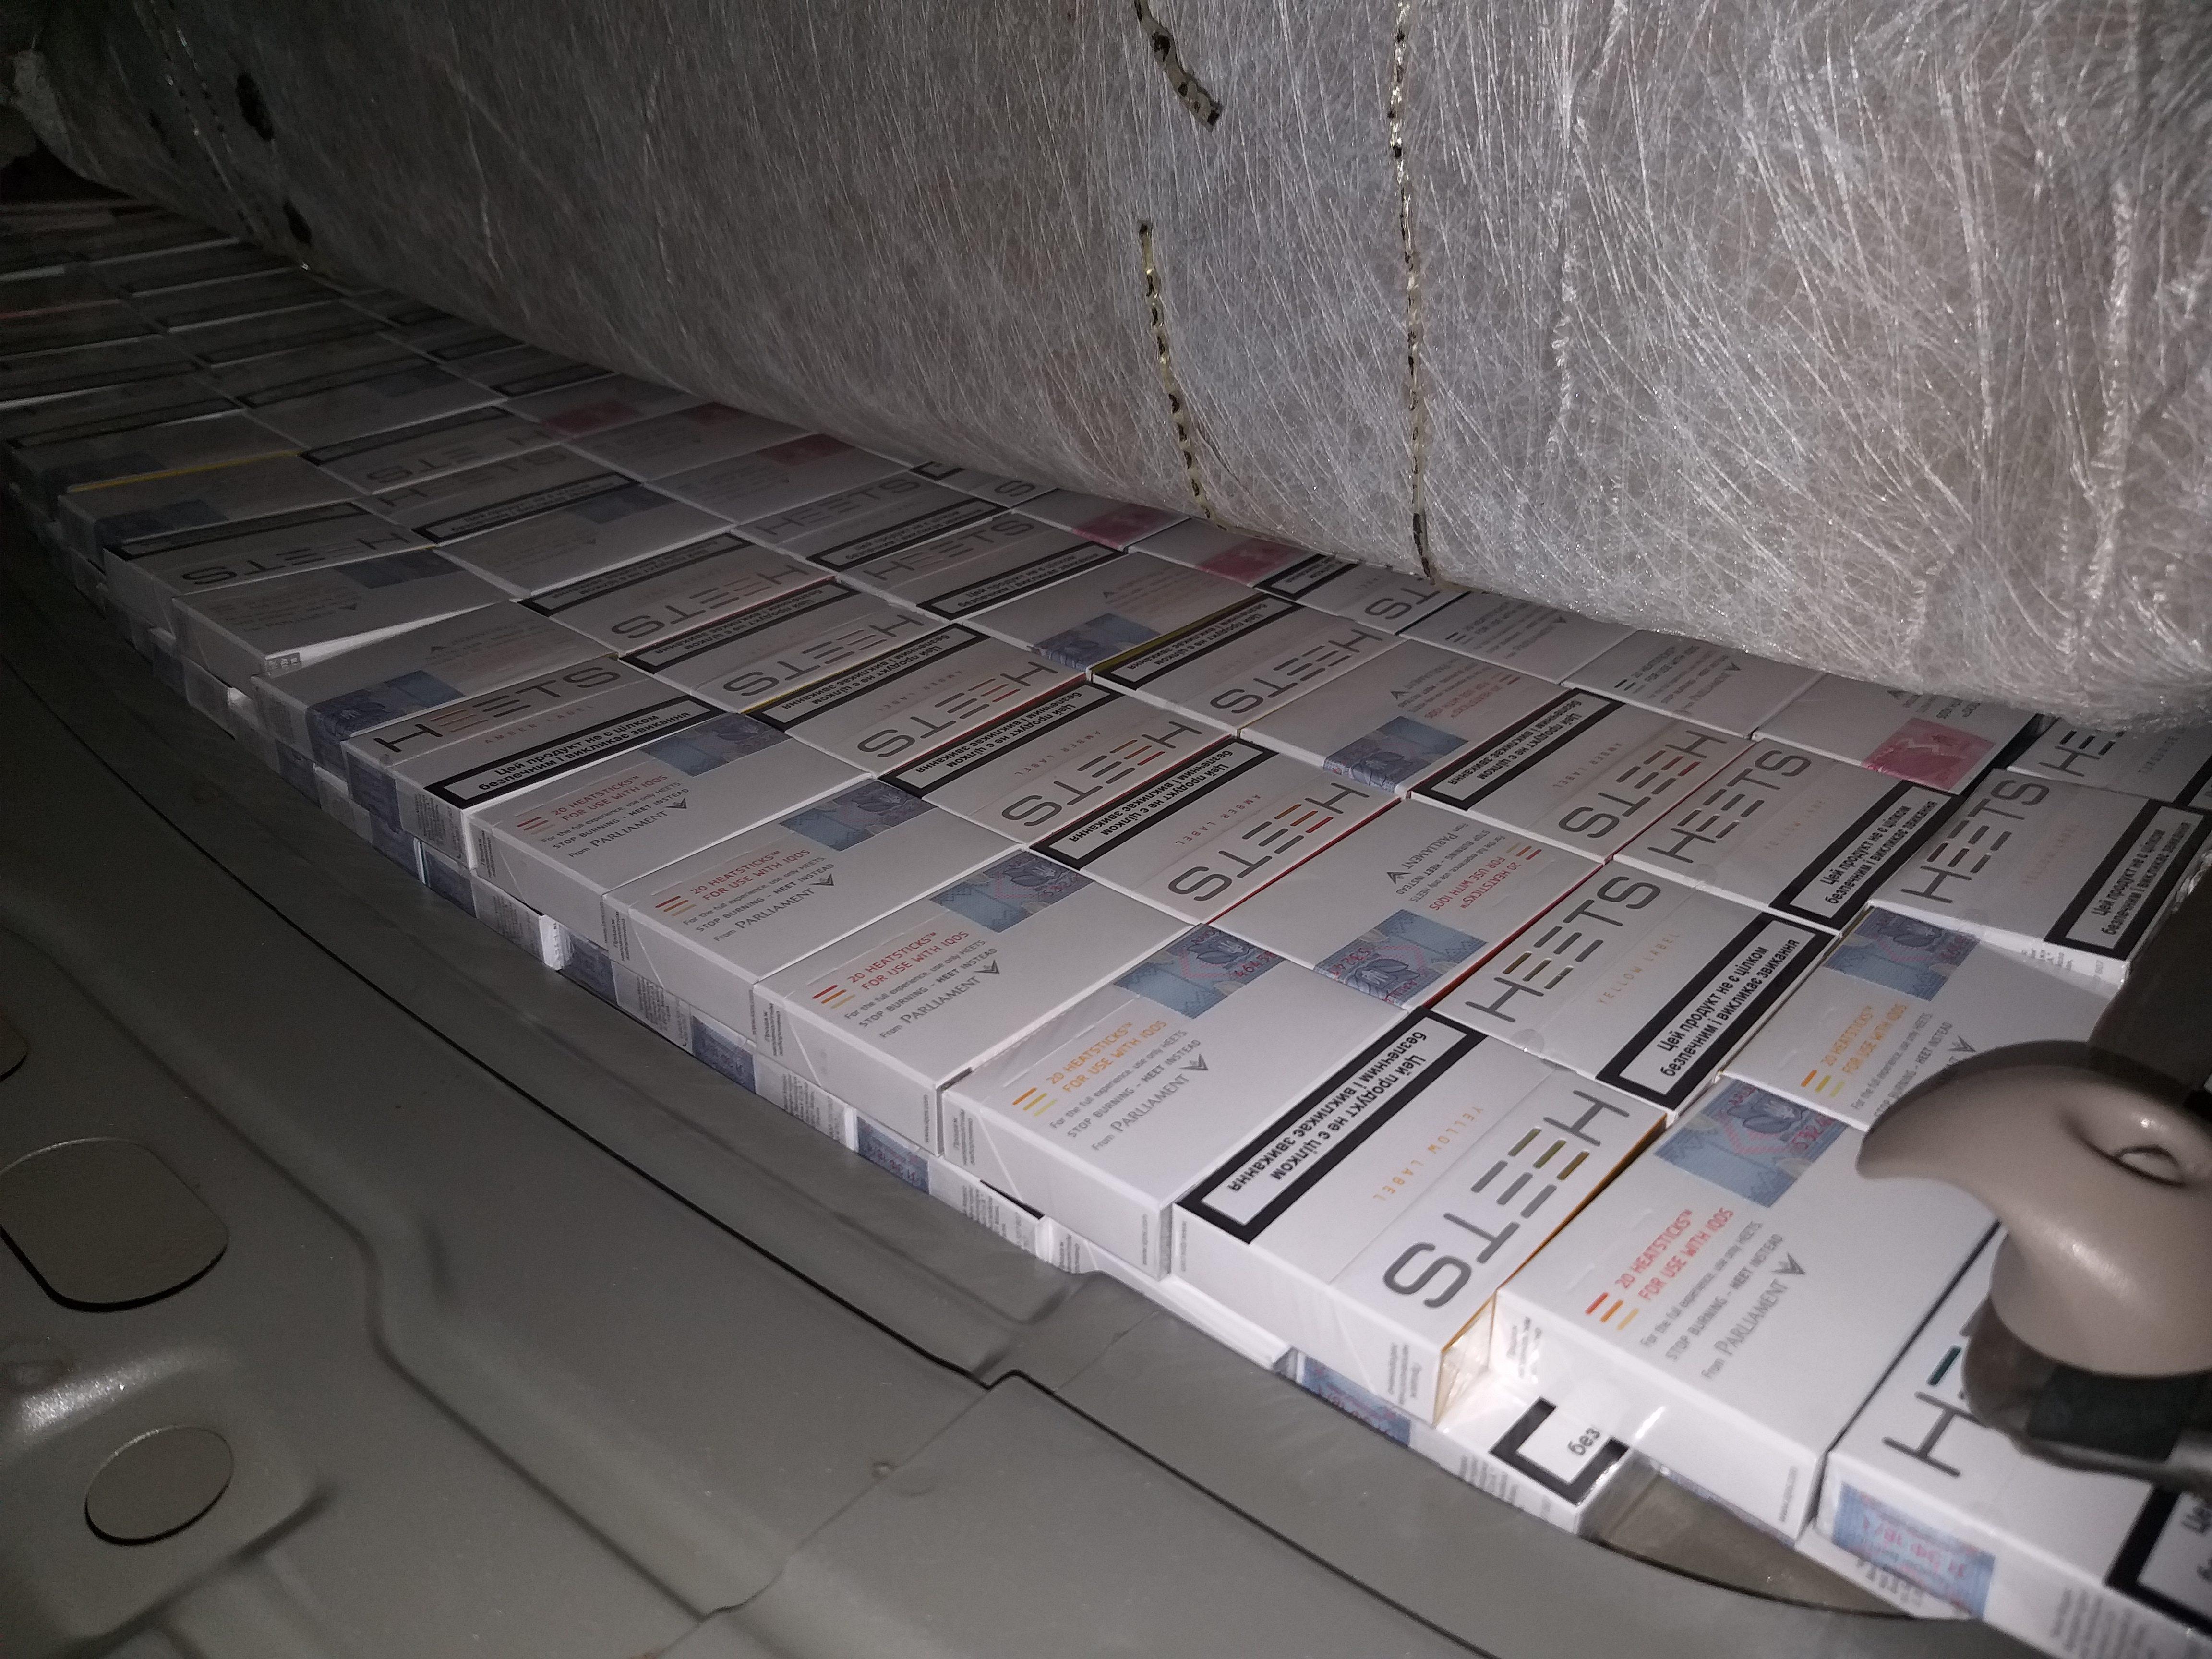 Более 27 тысяч незадекларированных табачных стиков обнаружили в машине тираспольчанина (ФОТО)